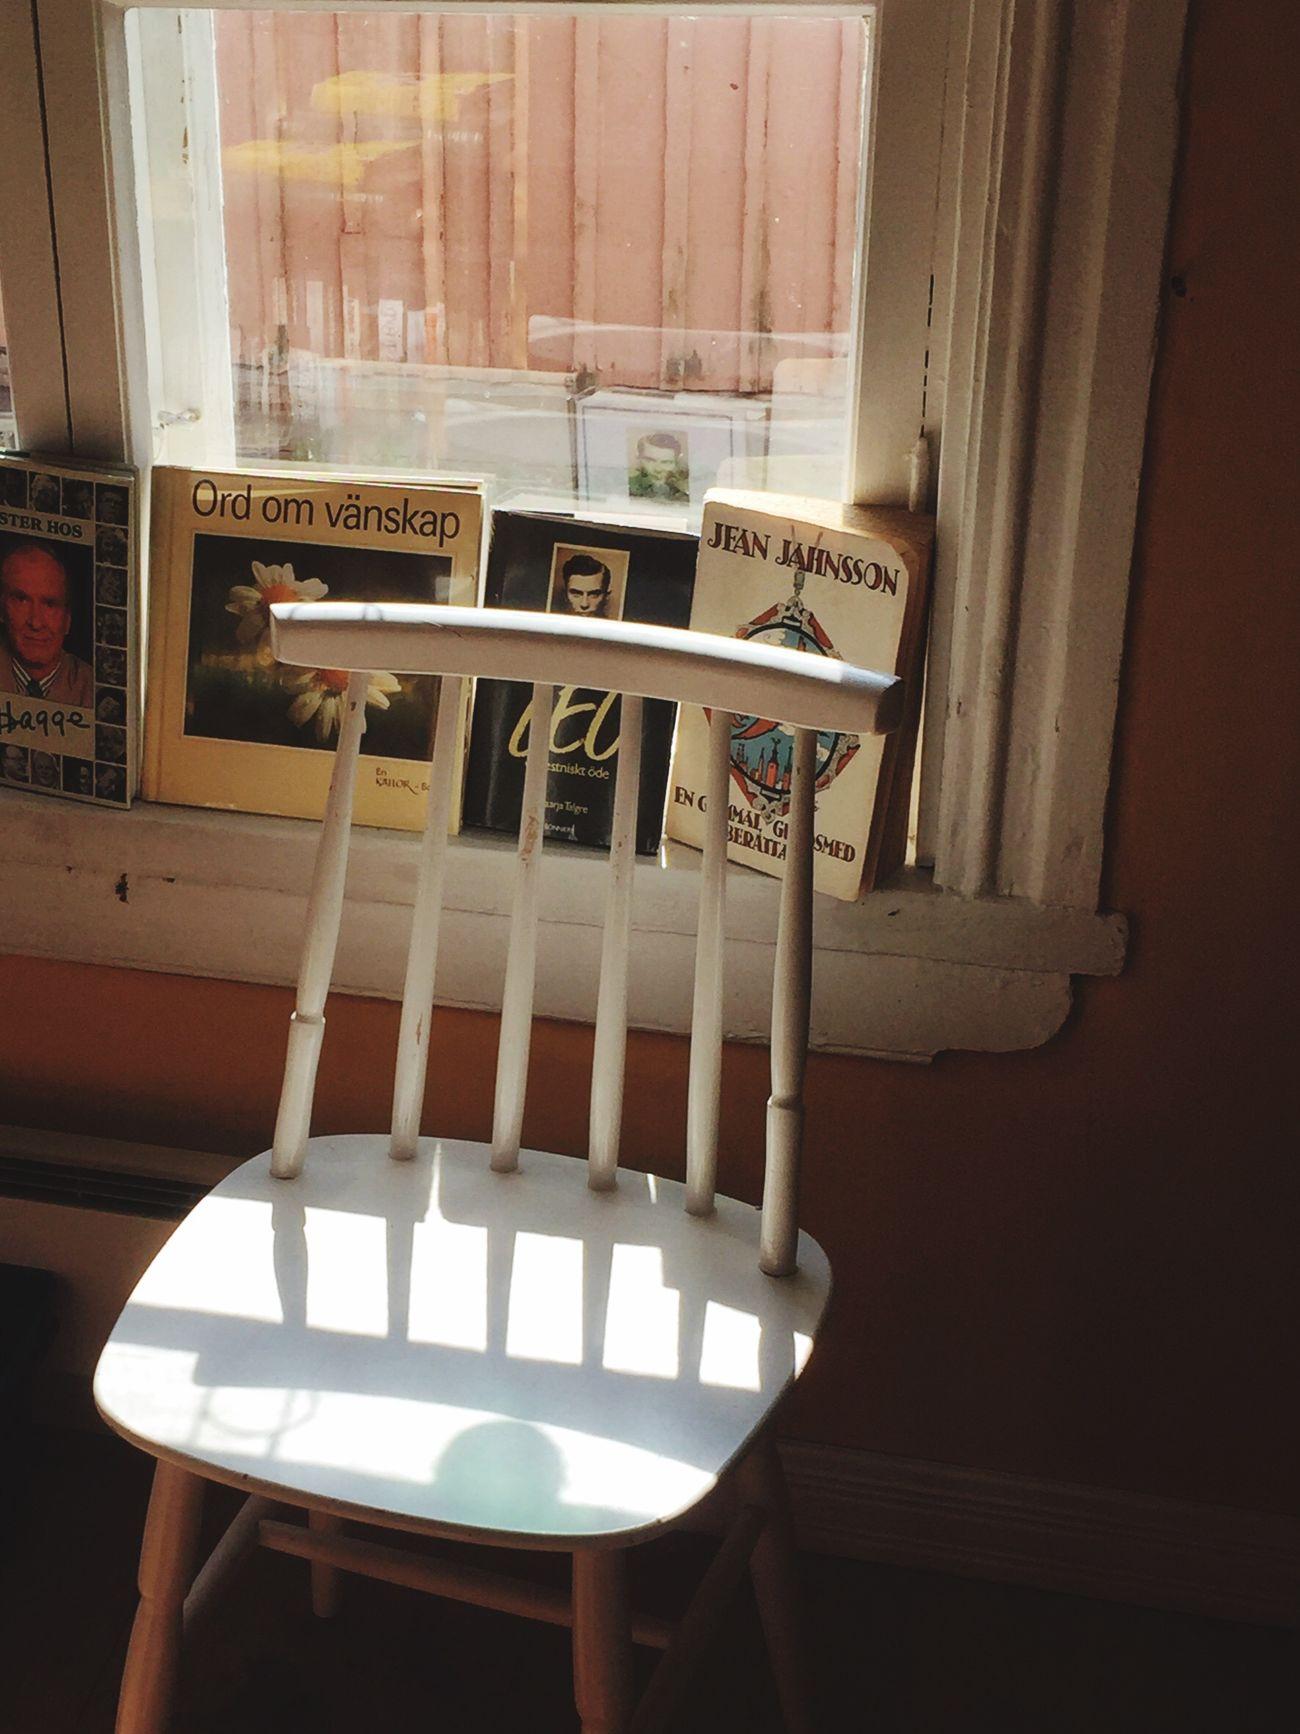 Lieblingsteil Old Chair Wooden Chair Books Window Fleemarket Tammisaari Finland